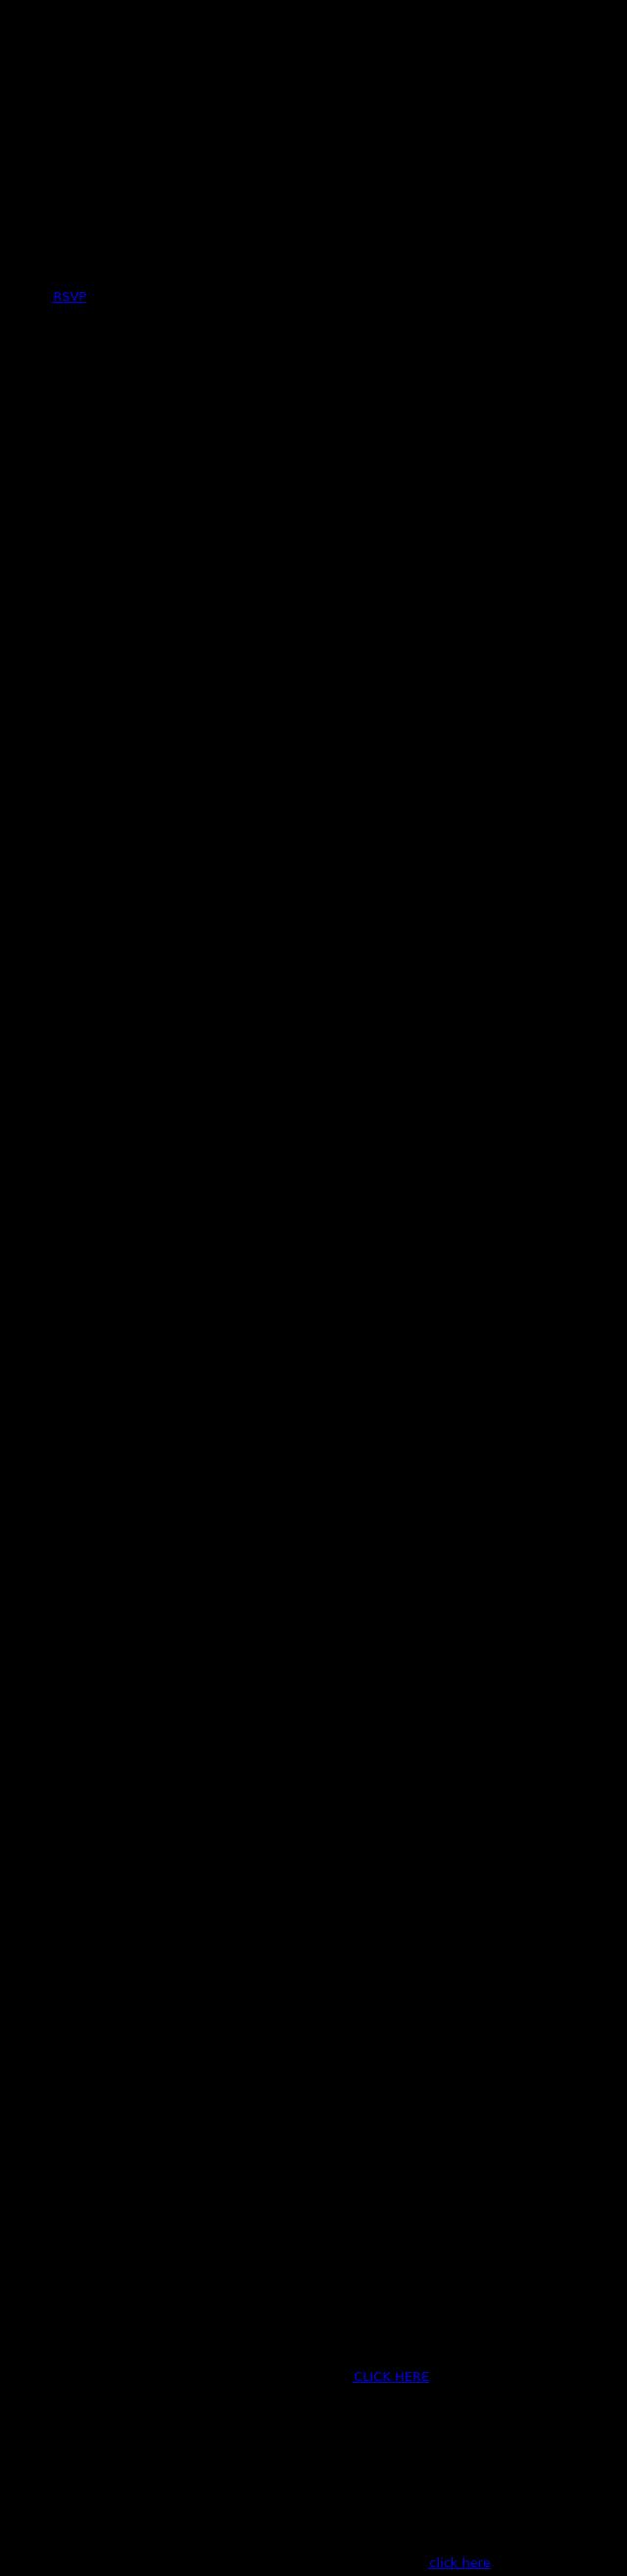 654f7c7c 5479 4f54 8de3 b7c0978f40d4